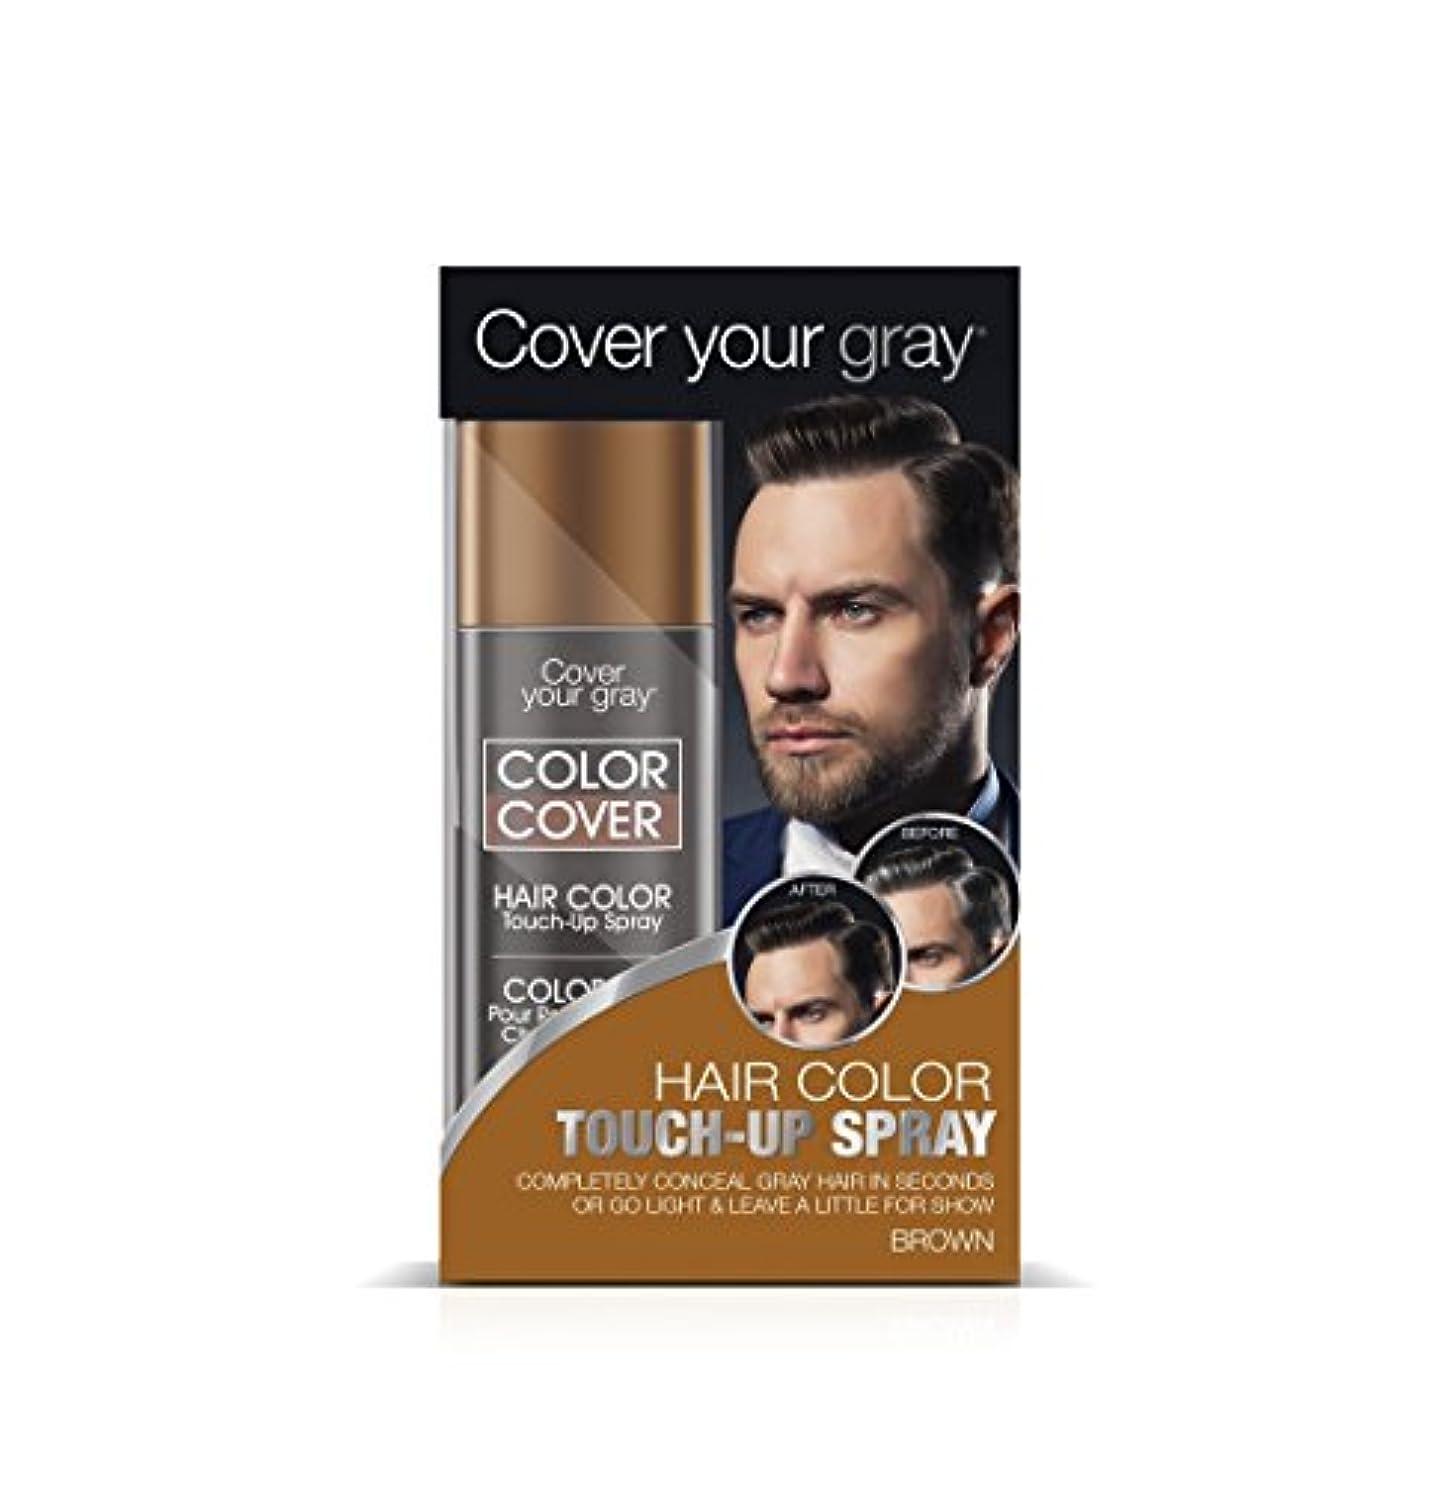 議論するグラフ協力するCover Your Gray メンズカラーカバータッチアップスプレー - ブラウン